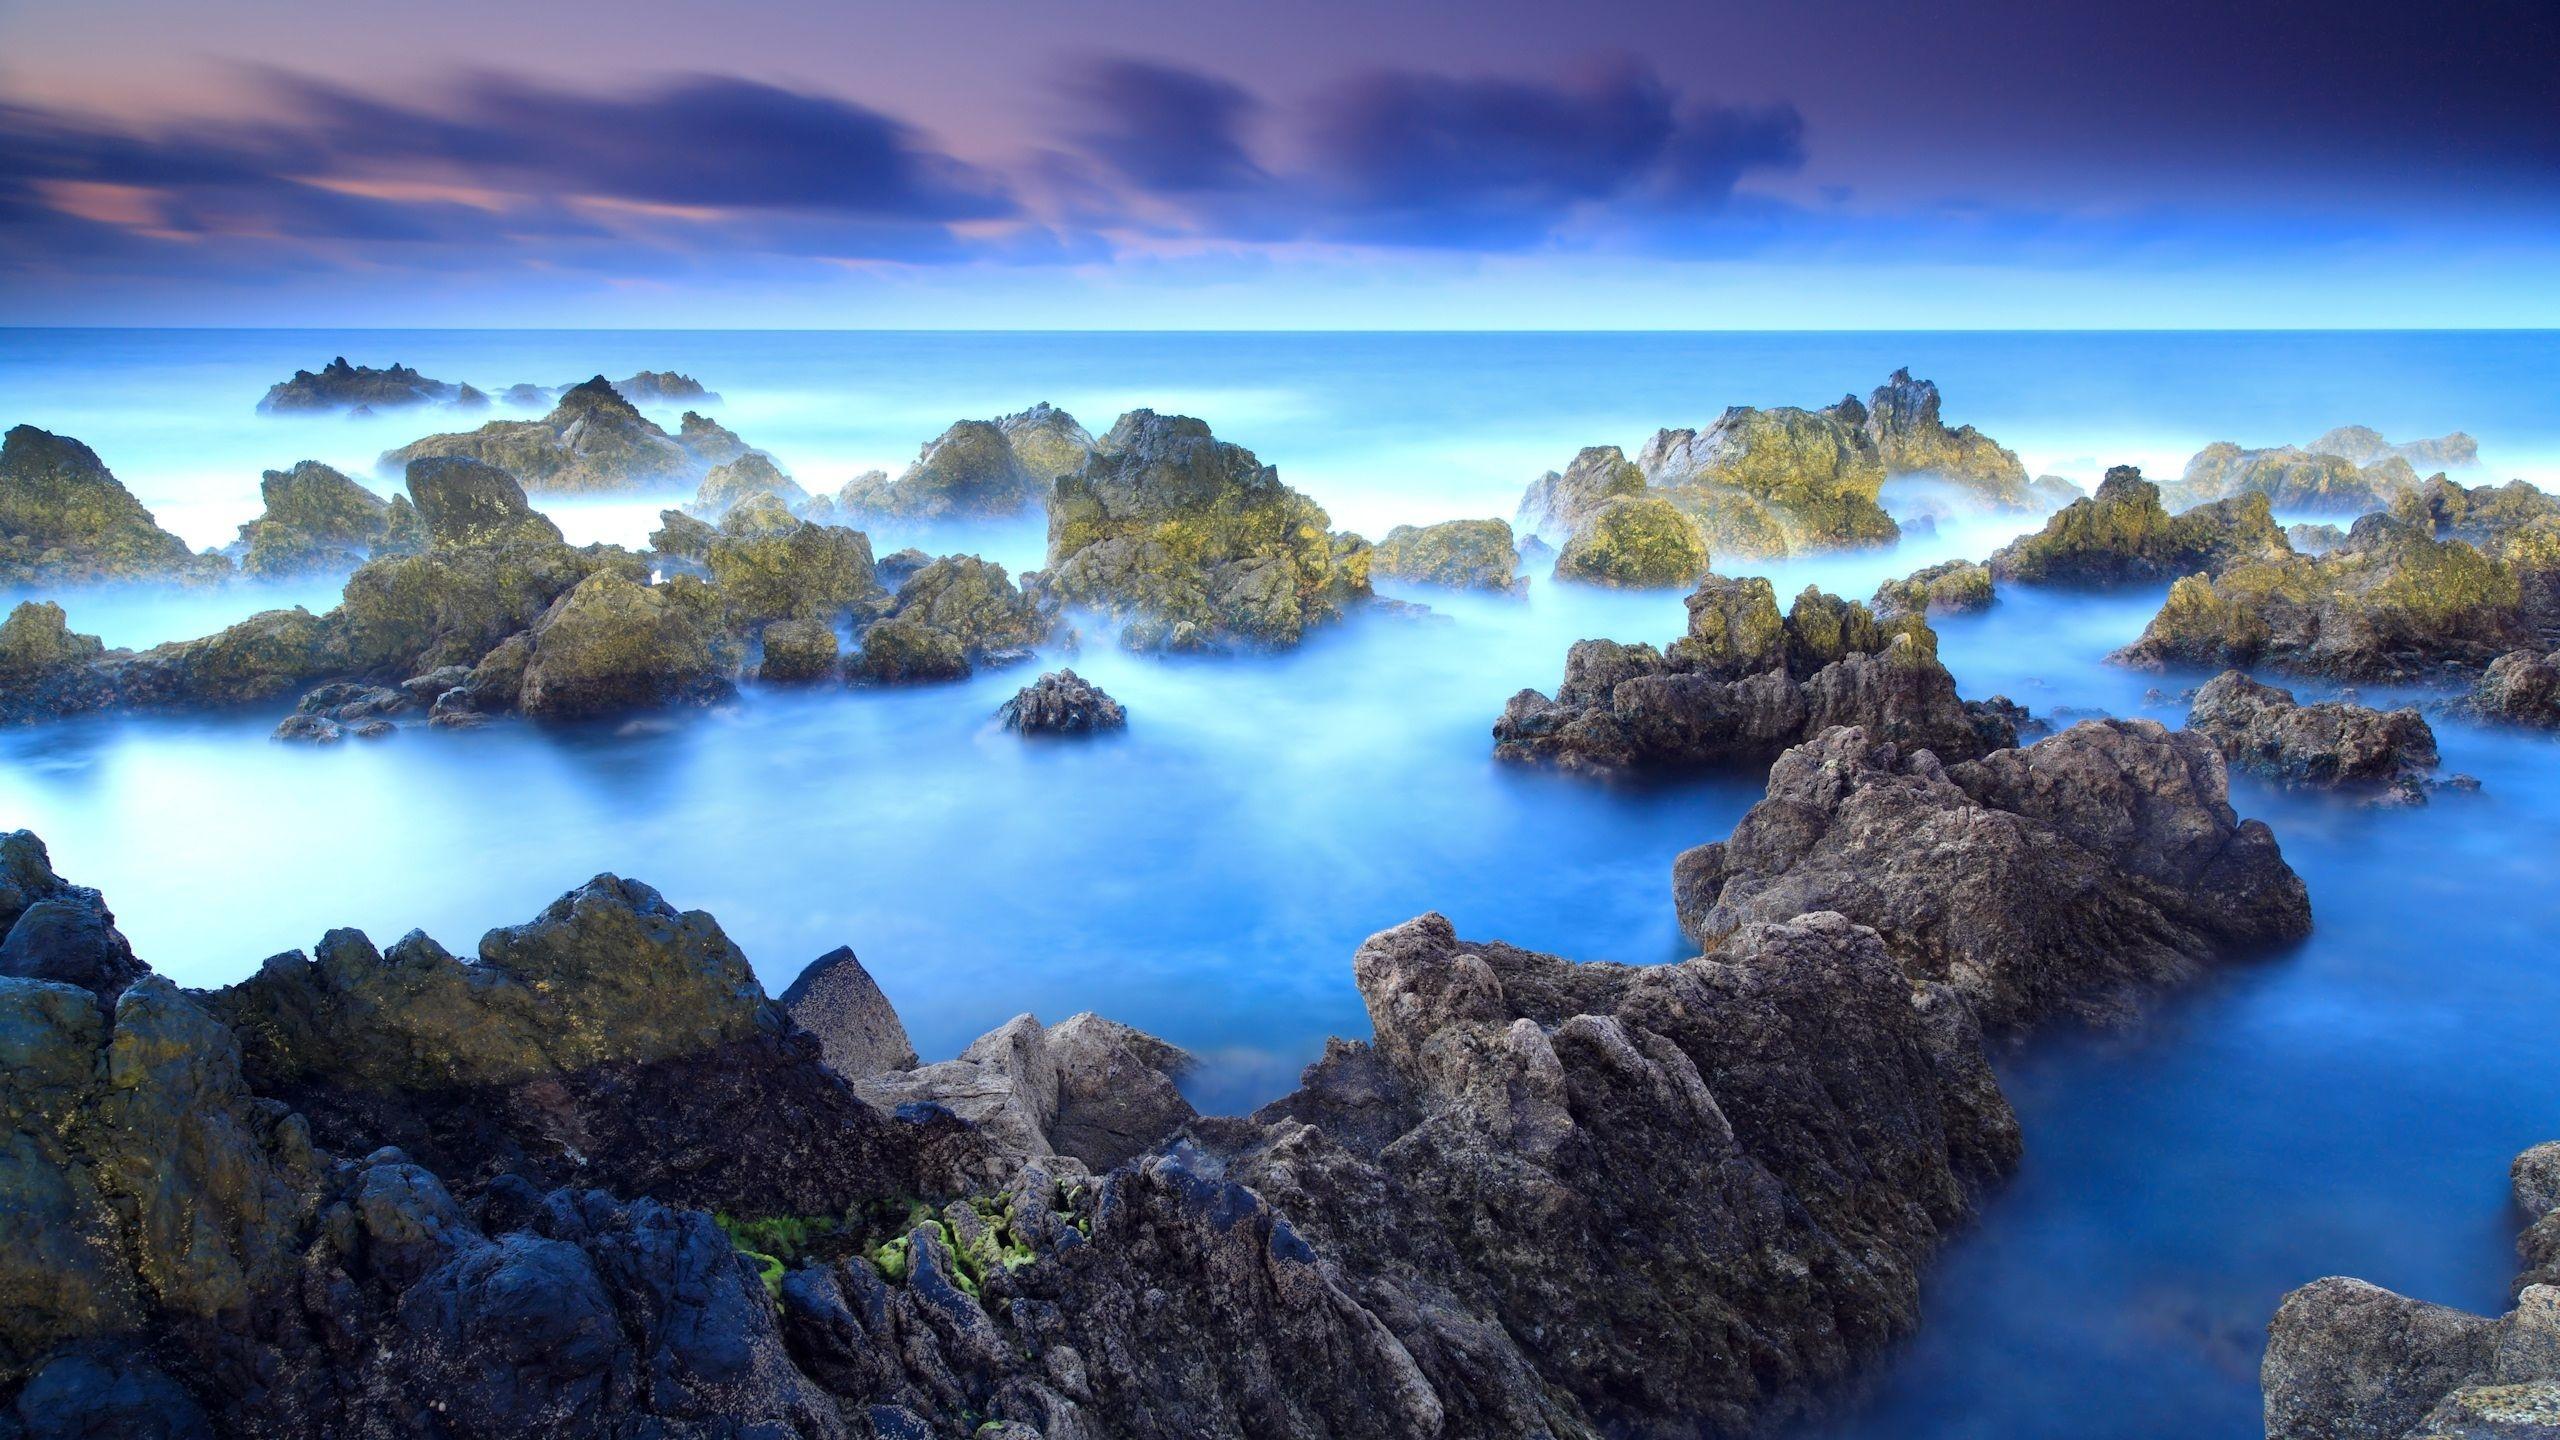 Wallpaper Lautan Batuan Langit Indah 2560x1440 Wallhaven 1028890 Hd Wallpapers Wallhere